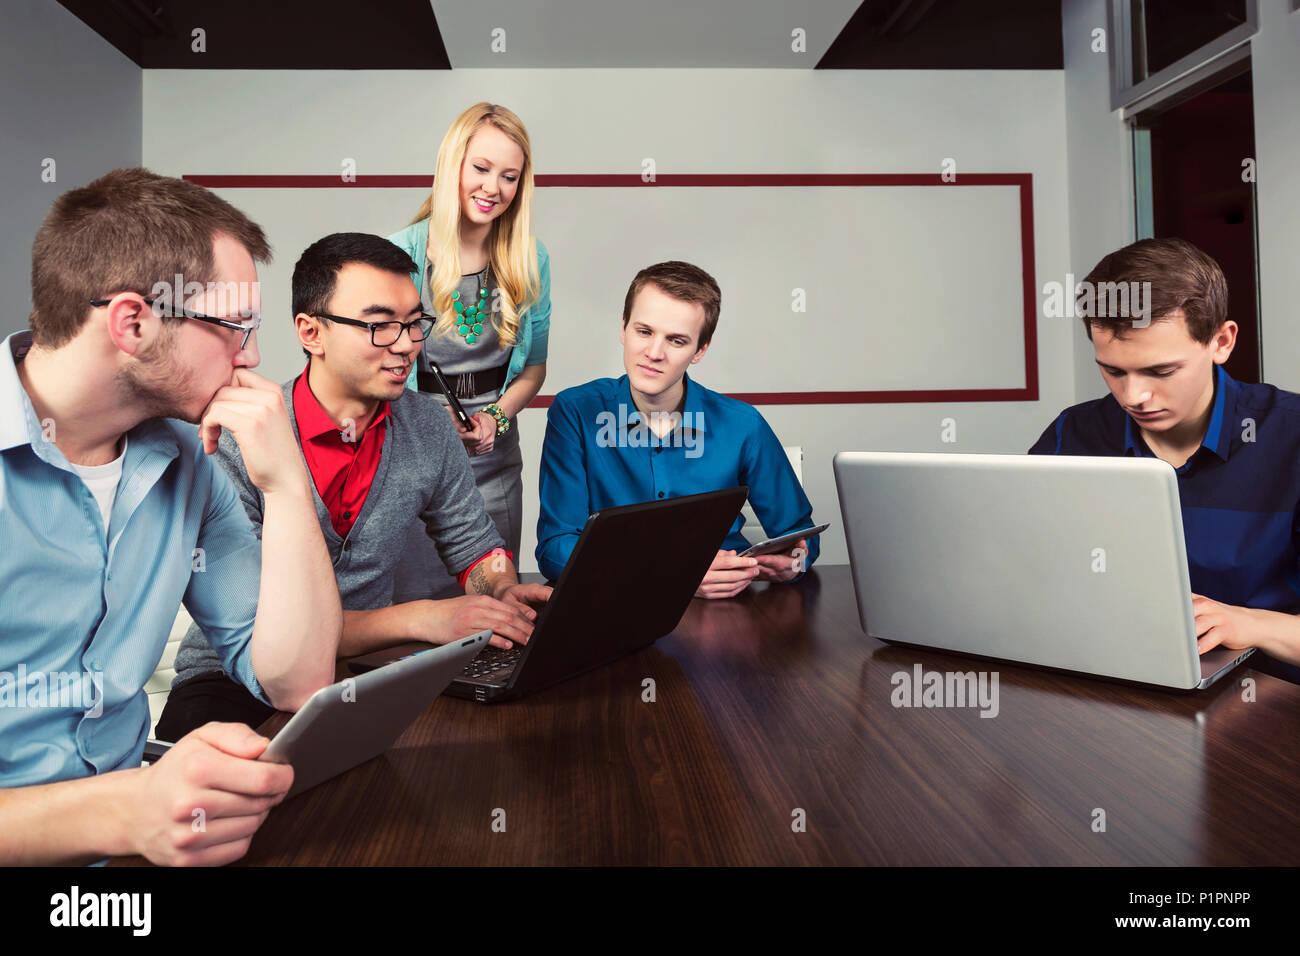 Jóvenes profesionales milenario trabajando juntos en una sala de conferencias en un negocio moderno de alta tecnología; en Sherwood Park, Alberta, Canadá Imagen De Stock